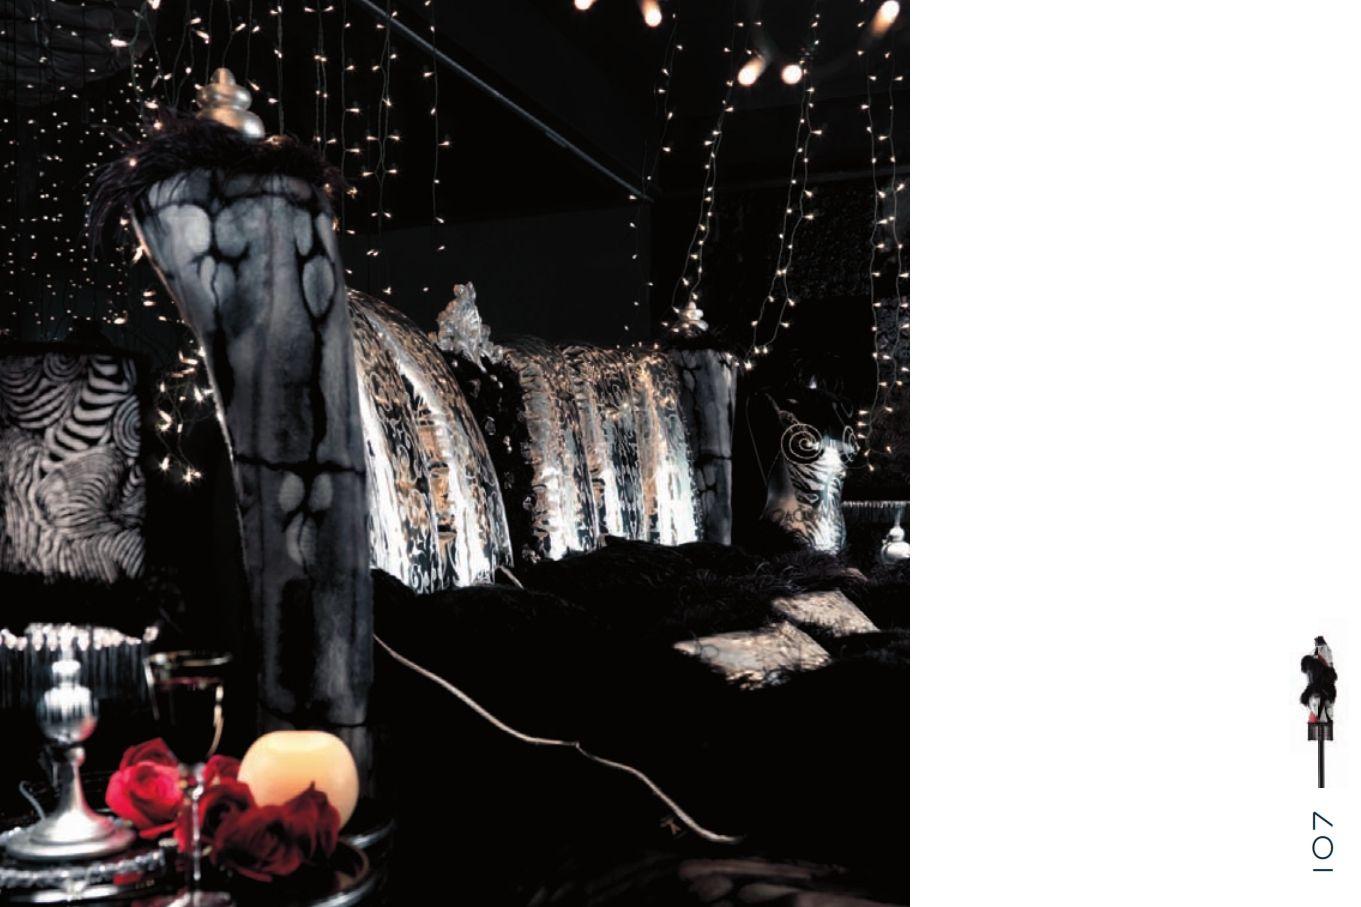 luxus mobel luxurioses runde schlafzimmer alta moda schicke seriedie mobel aus italien